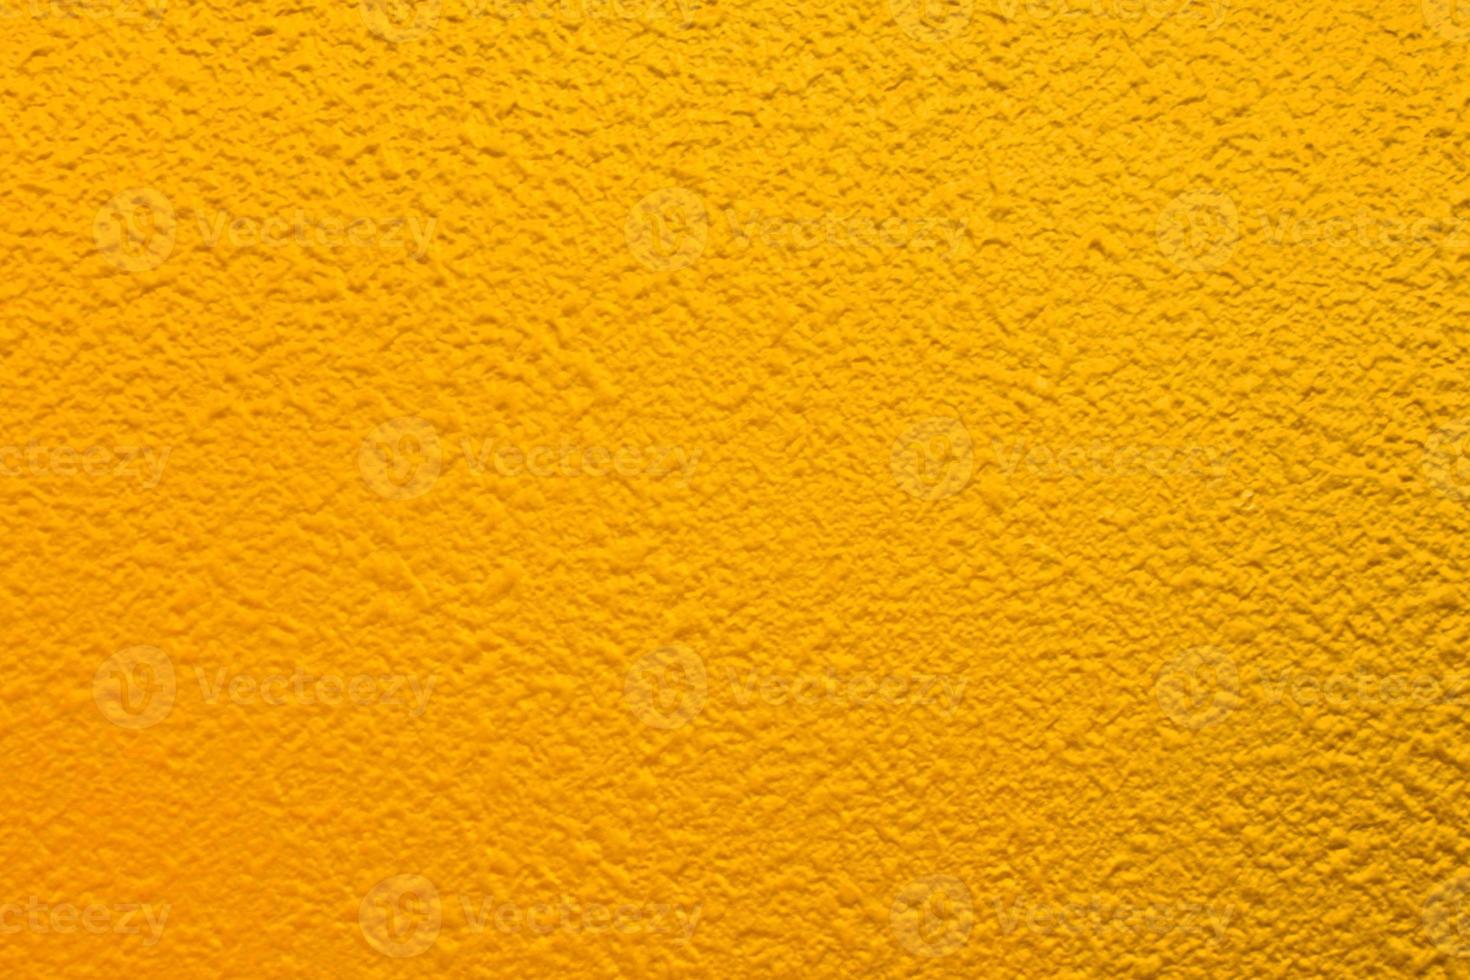 oi-res fundo dourado superfície grunge de cimento foto